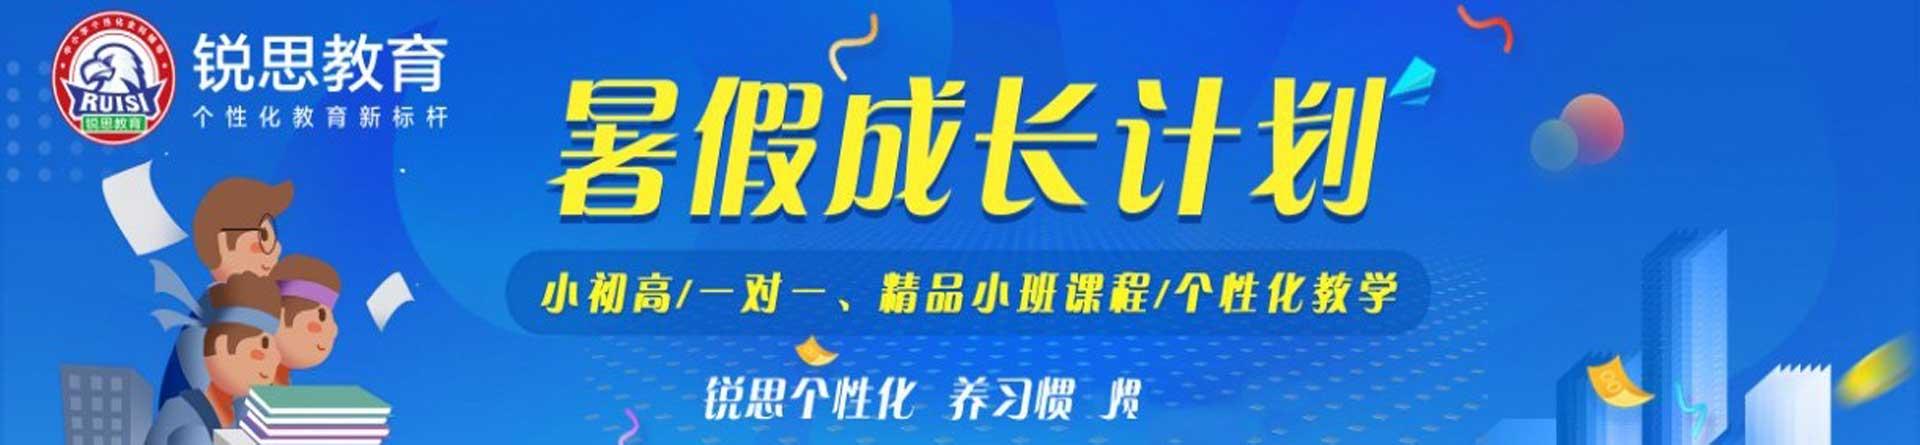 郑州锐思教育